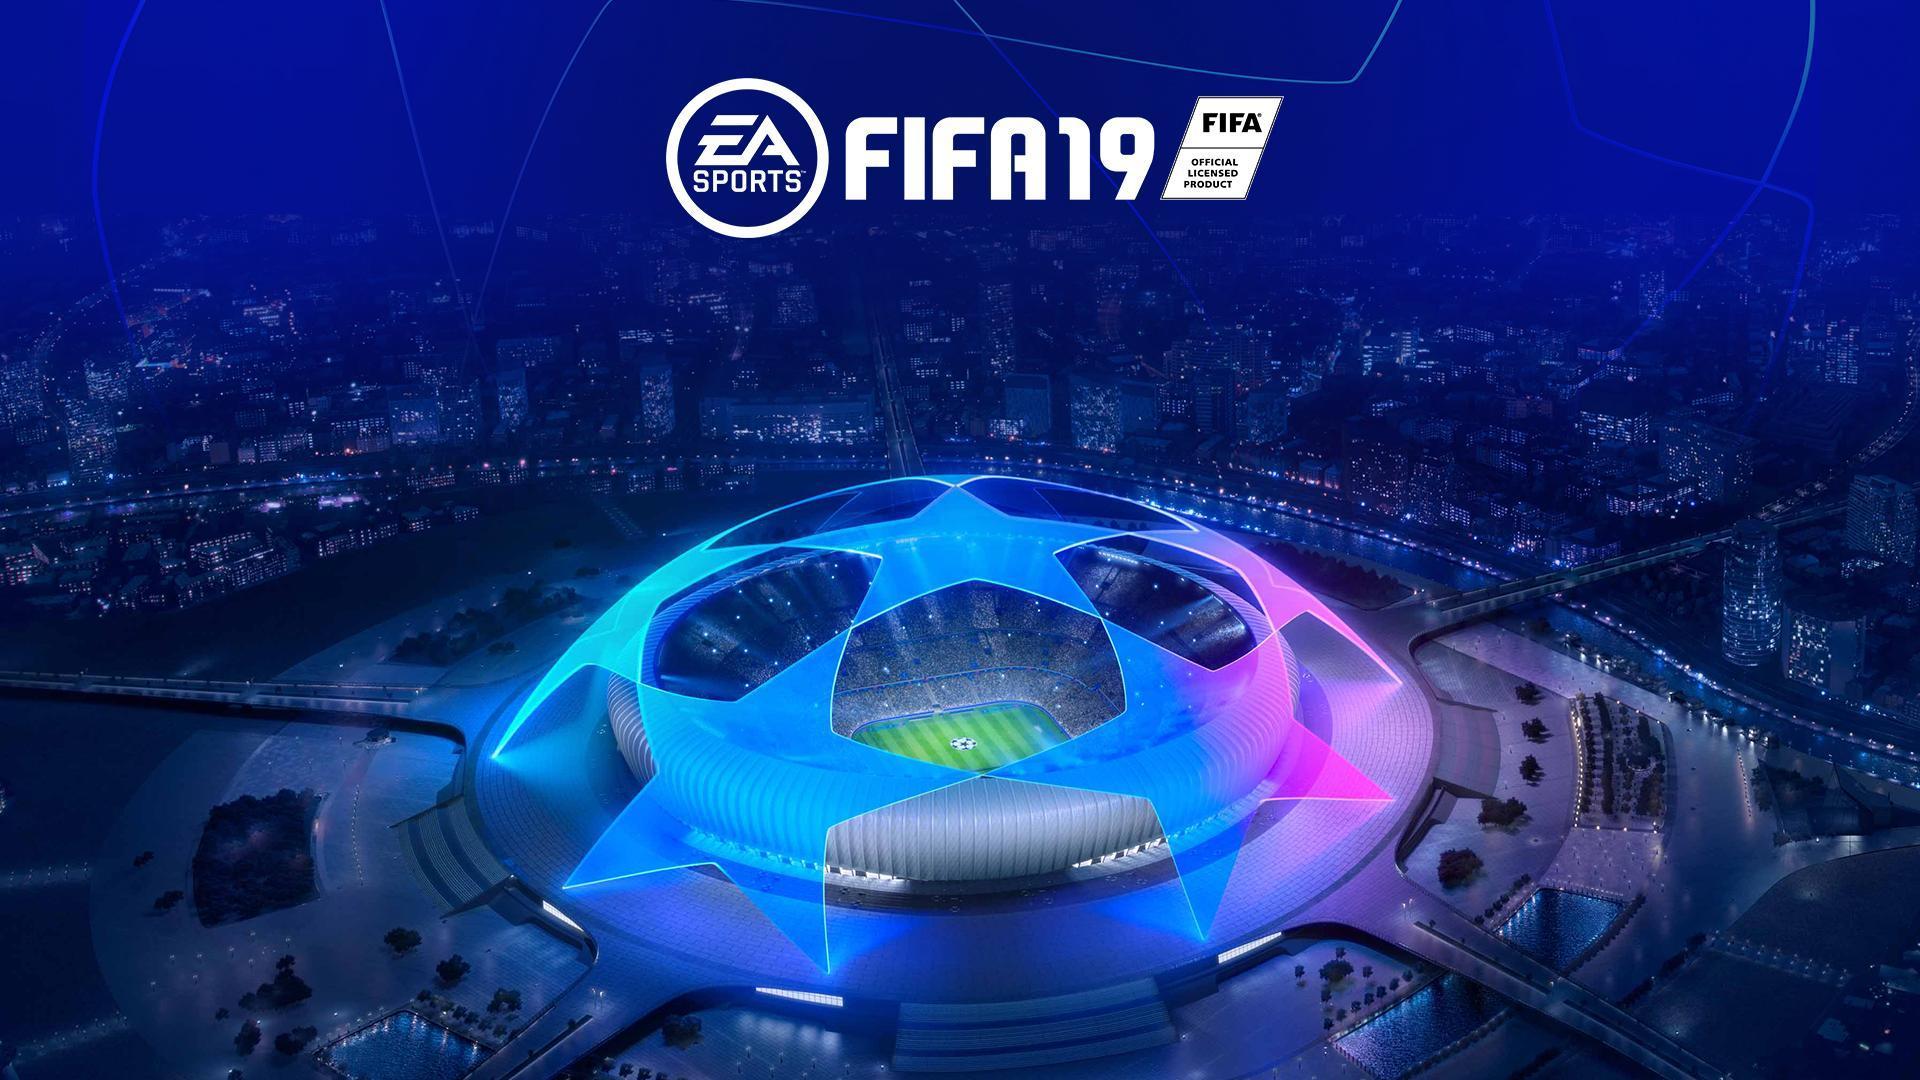 Uefa Champions League Wallpaper (73+ images)   Uefa Champions League